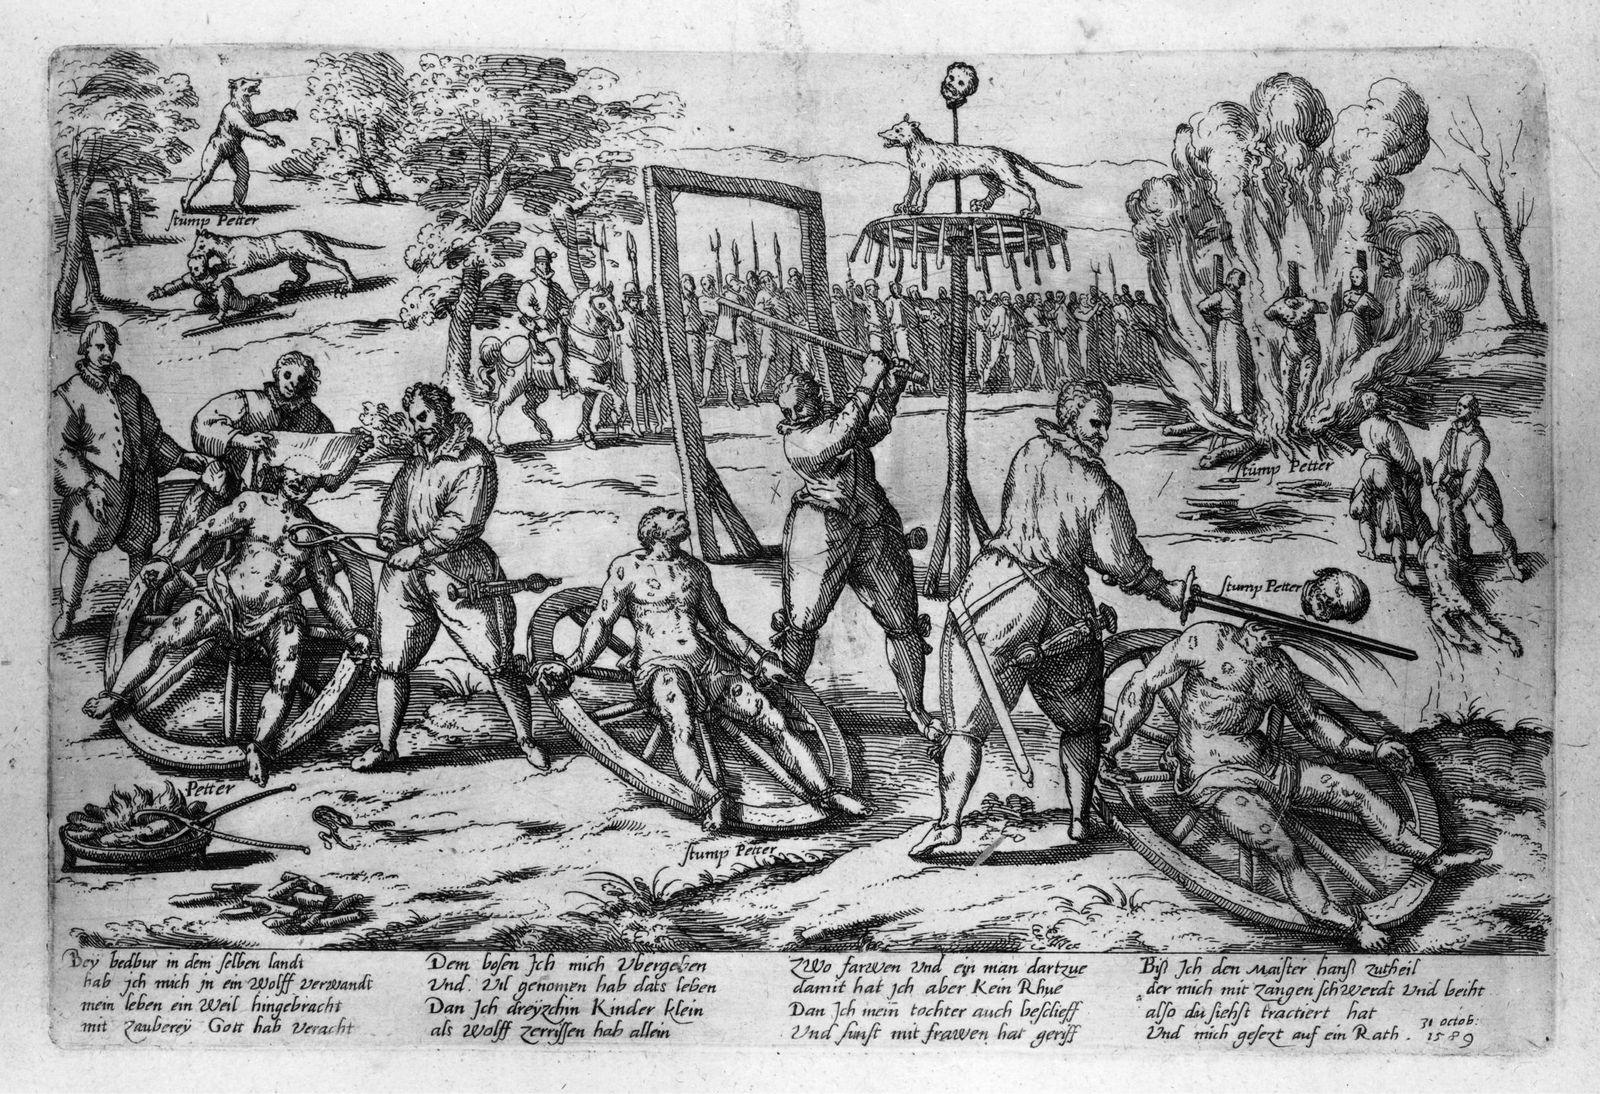 """""""Die Hinrichtung des Peter Stump - Werwolf zu Bedburg"""" hielt Franz Hogenberg in dieser Radierung von 1589 in allen Einzelheiten fest: Nach seiner Verurteilung als Mörder, """"Werwolf"""" und """"Zauberer"""" wurde Stump gerädert, geköpft und anschließend verbrannt. Foto: bpk / Kupferstichkabinett, Jörg P. Anders"""